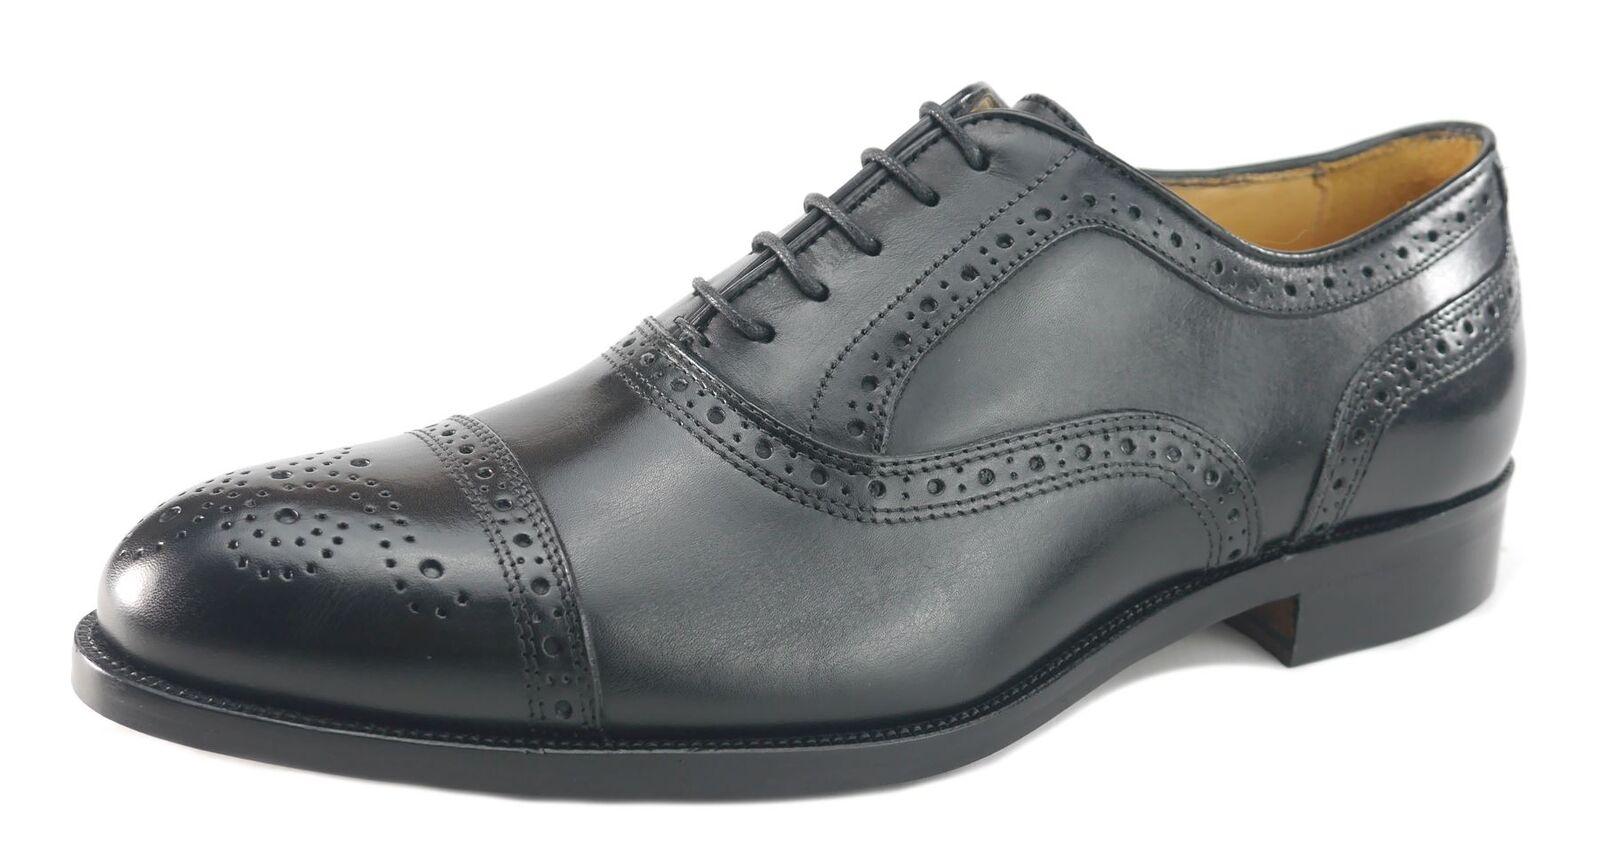 Mercanti Fiorentini Nairobi 7010  Leather Mens Brogue schn 65533rnero  caldo